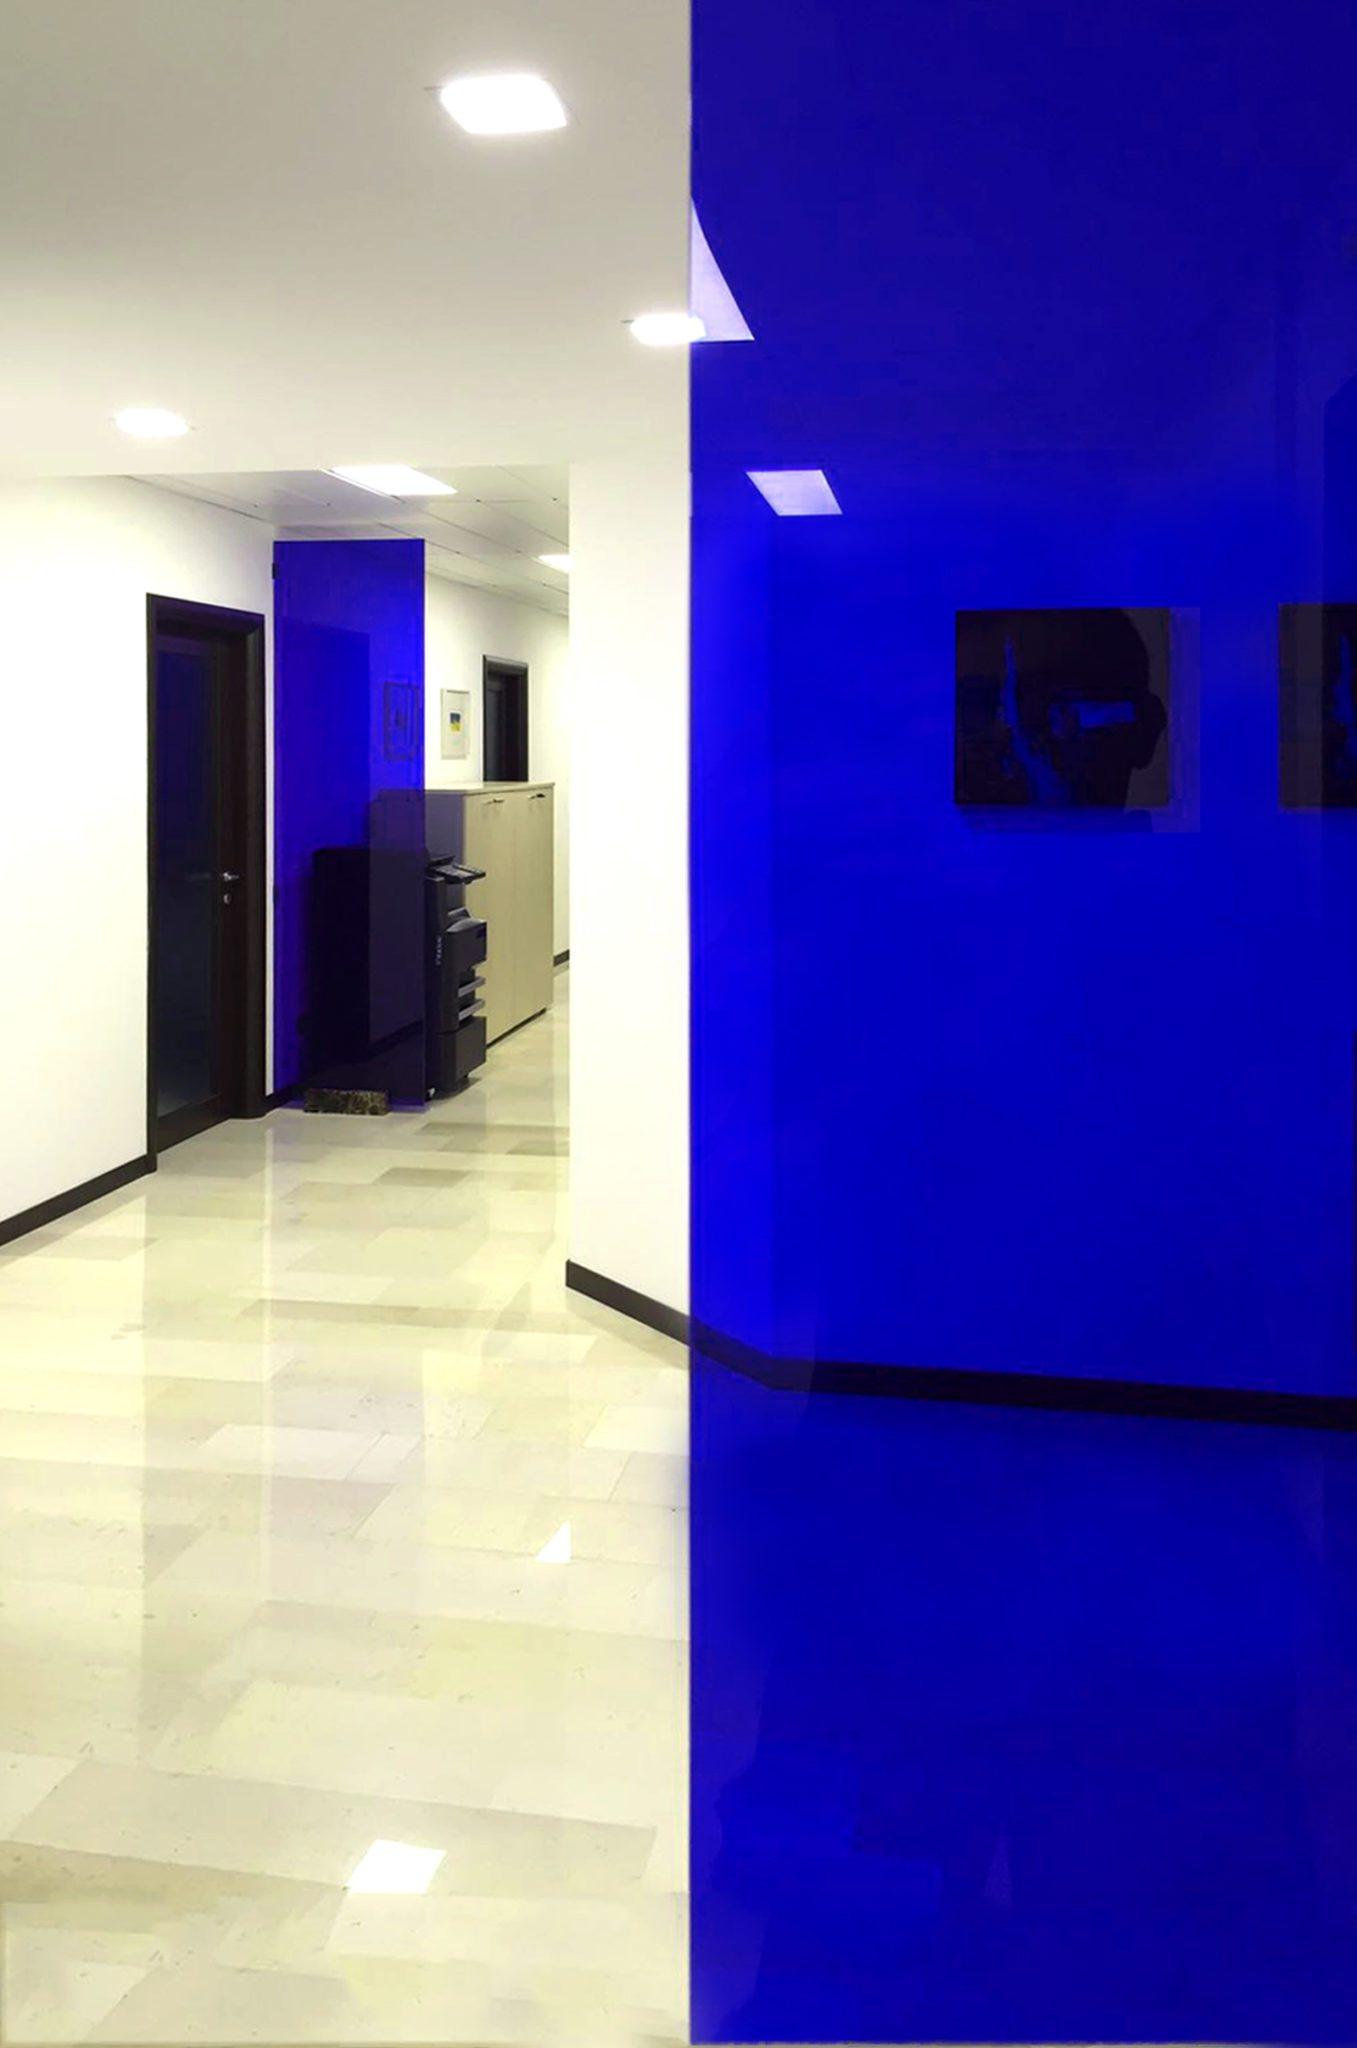 Separe ufficio free voto with separe ufficio best for Ufficio blu